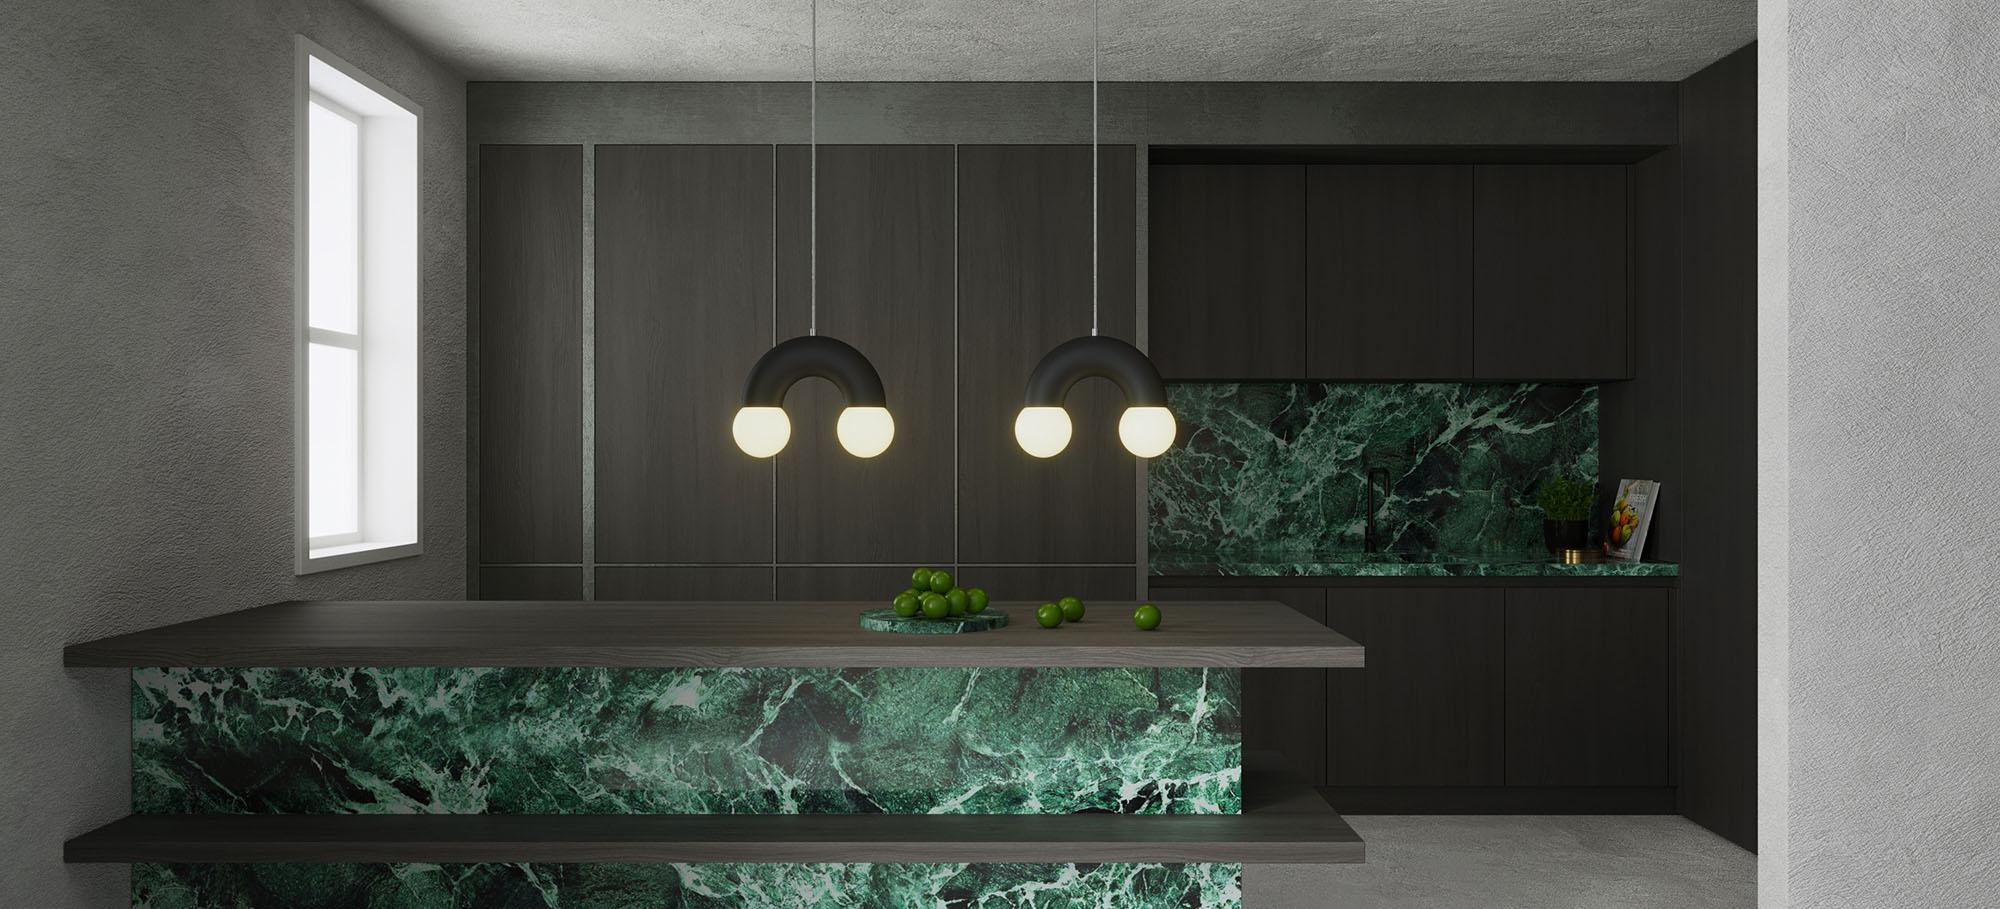 Rainbow kitchen green